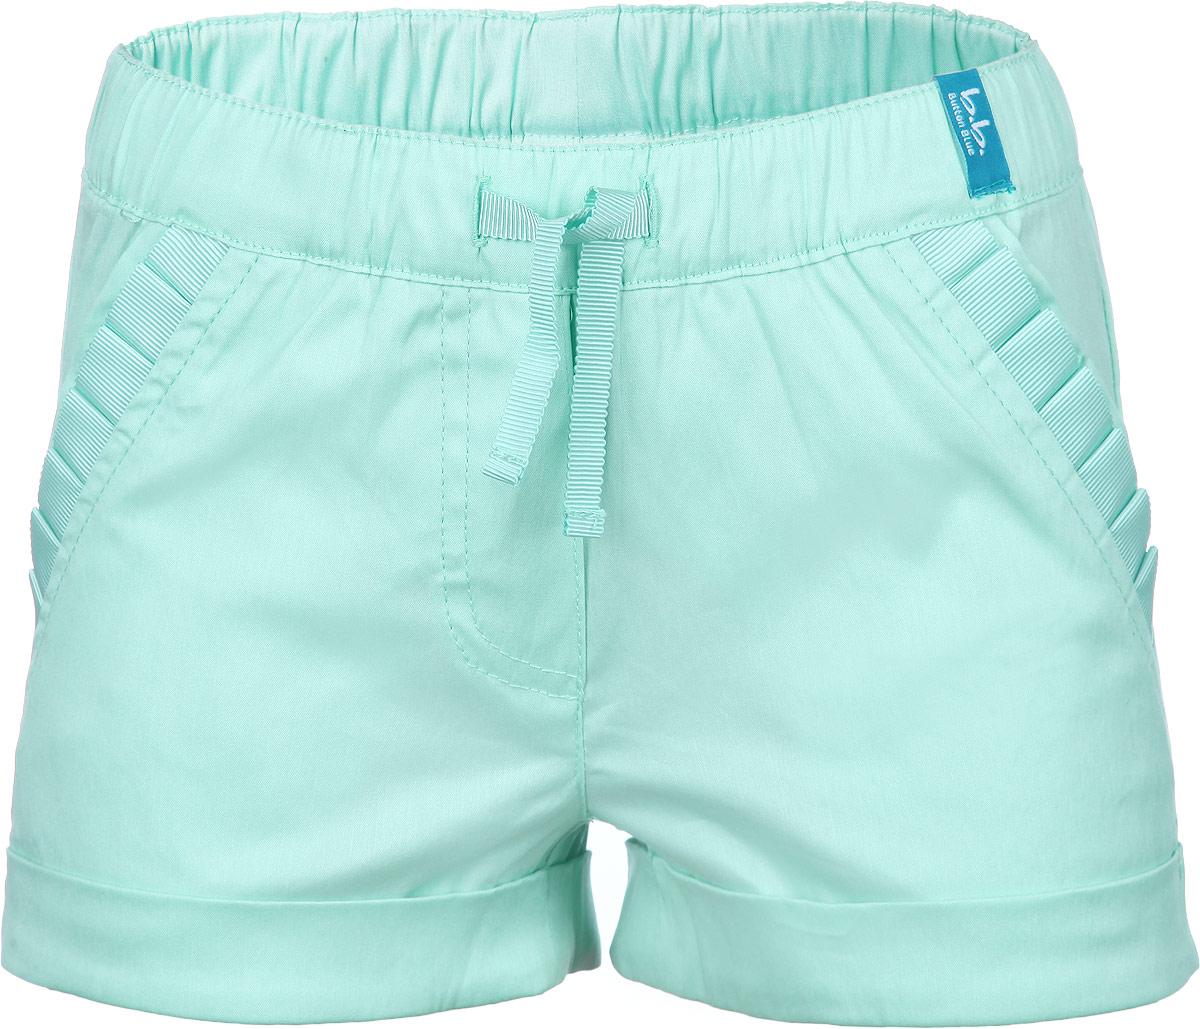 Шорты для девочки Button Blue, цвет: светло-зеленый. 116BBGM6001. Размер 104, 4 года